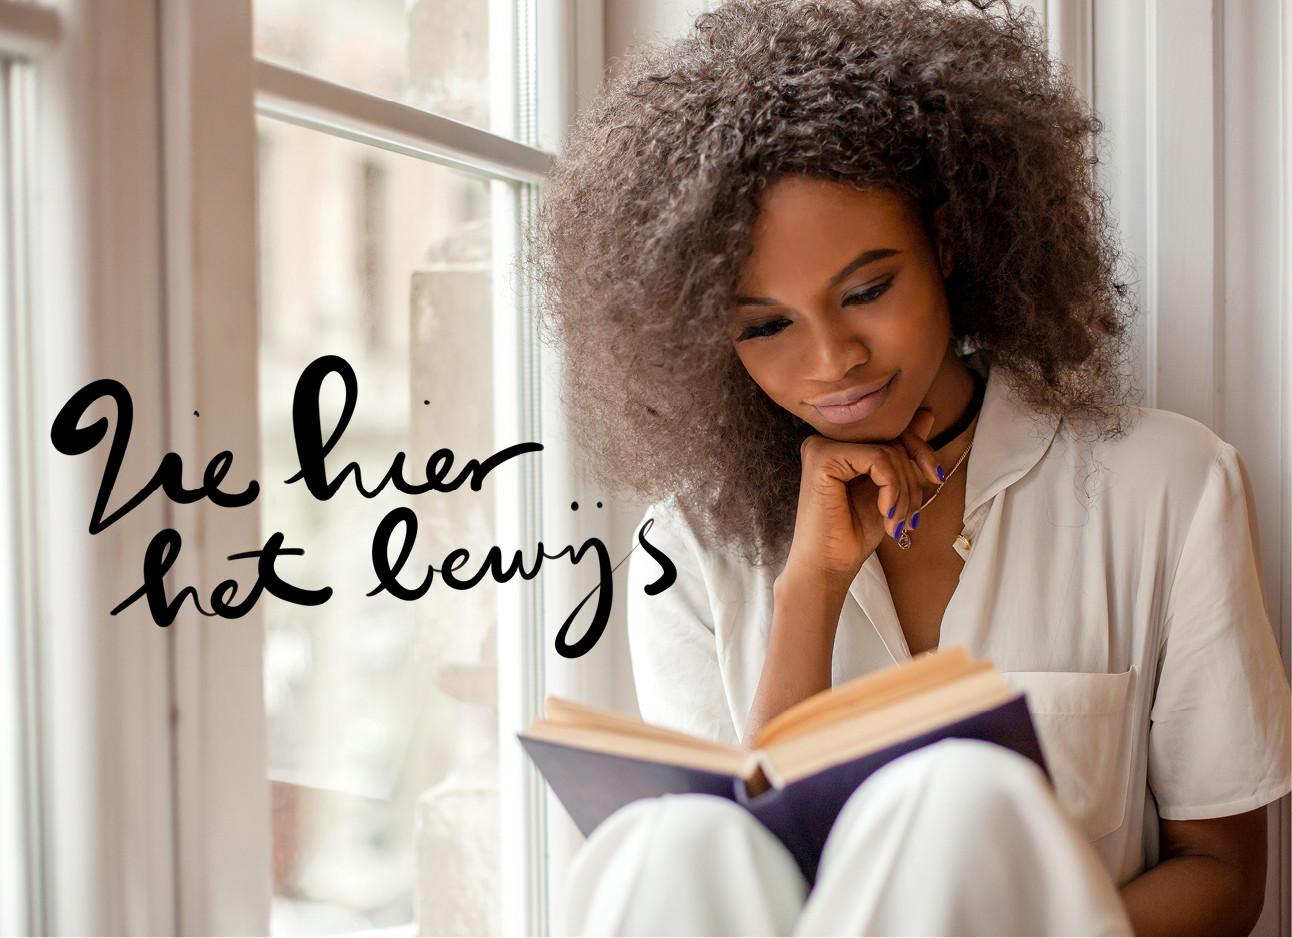 een getind meisje dat een boek leest een witte outfit draagt, ze zit voor een raam